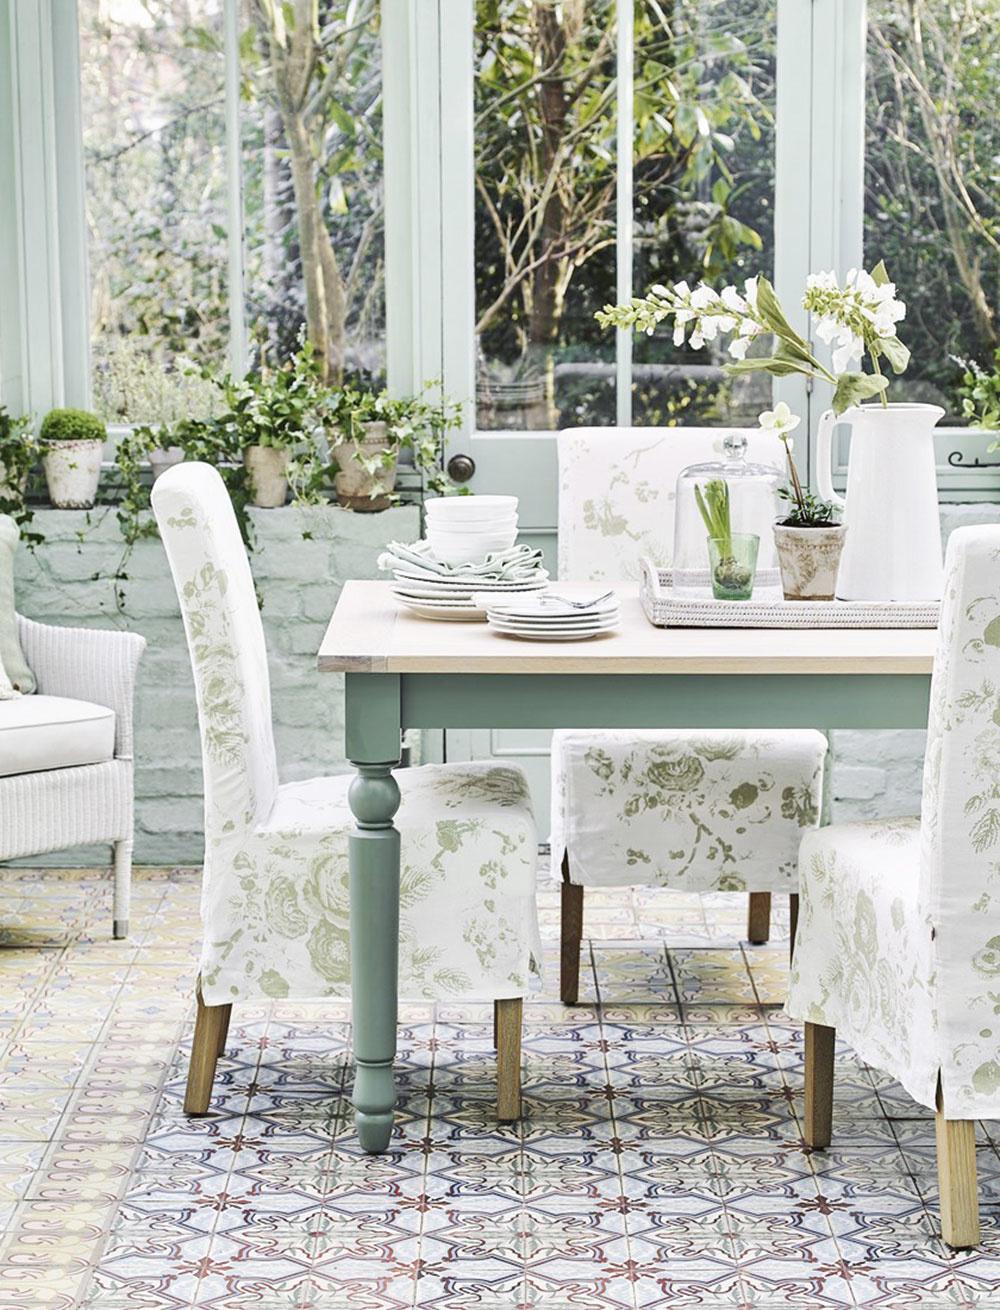 PATINA. Ak máte radi eleganciu, anglický vidiek môže byť pre vás to pravé, pretože práve také prvky nesie. Zbierka porcelánu, vázy skvetmi, svietniky, dózy, to všetko slúži na dekorovanie aje vystavené na obdiv.